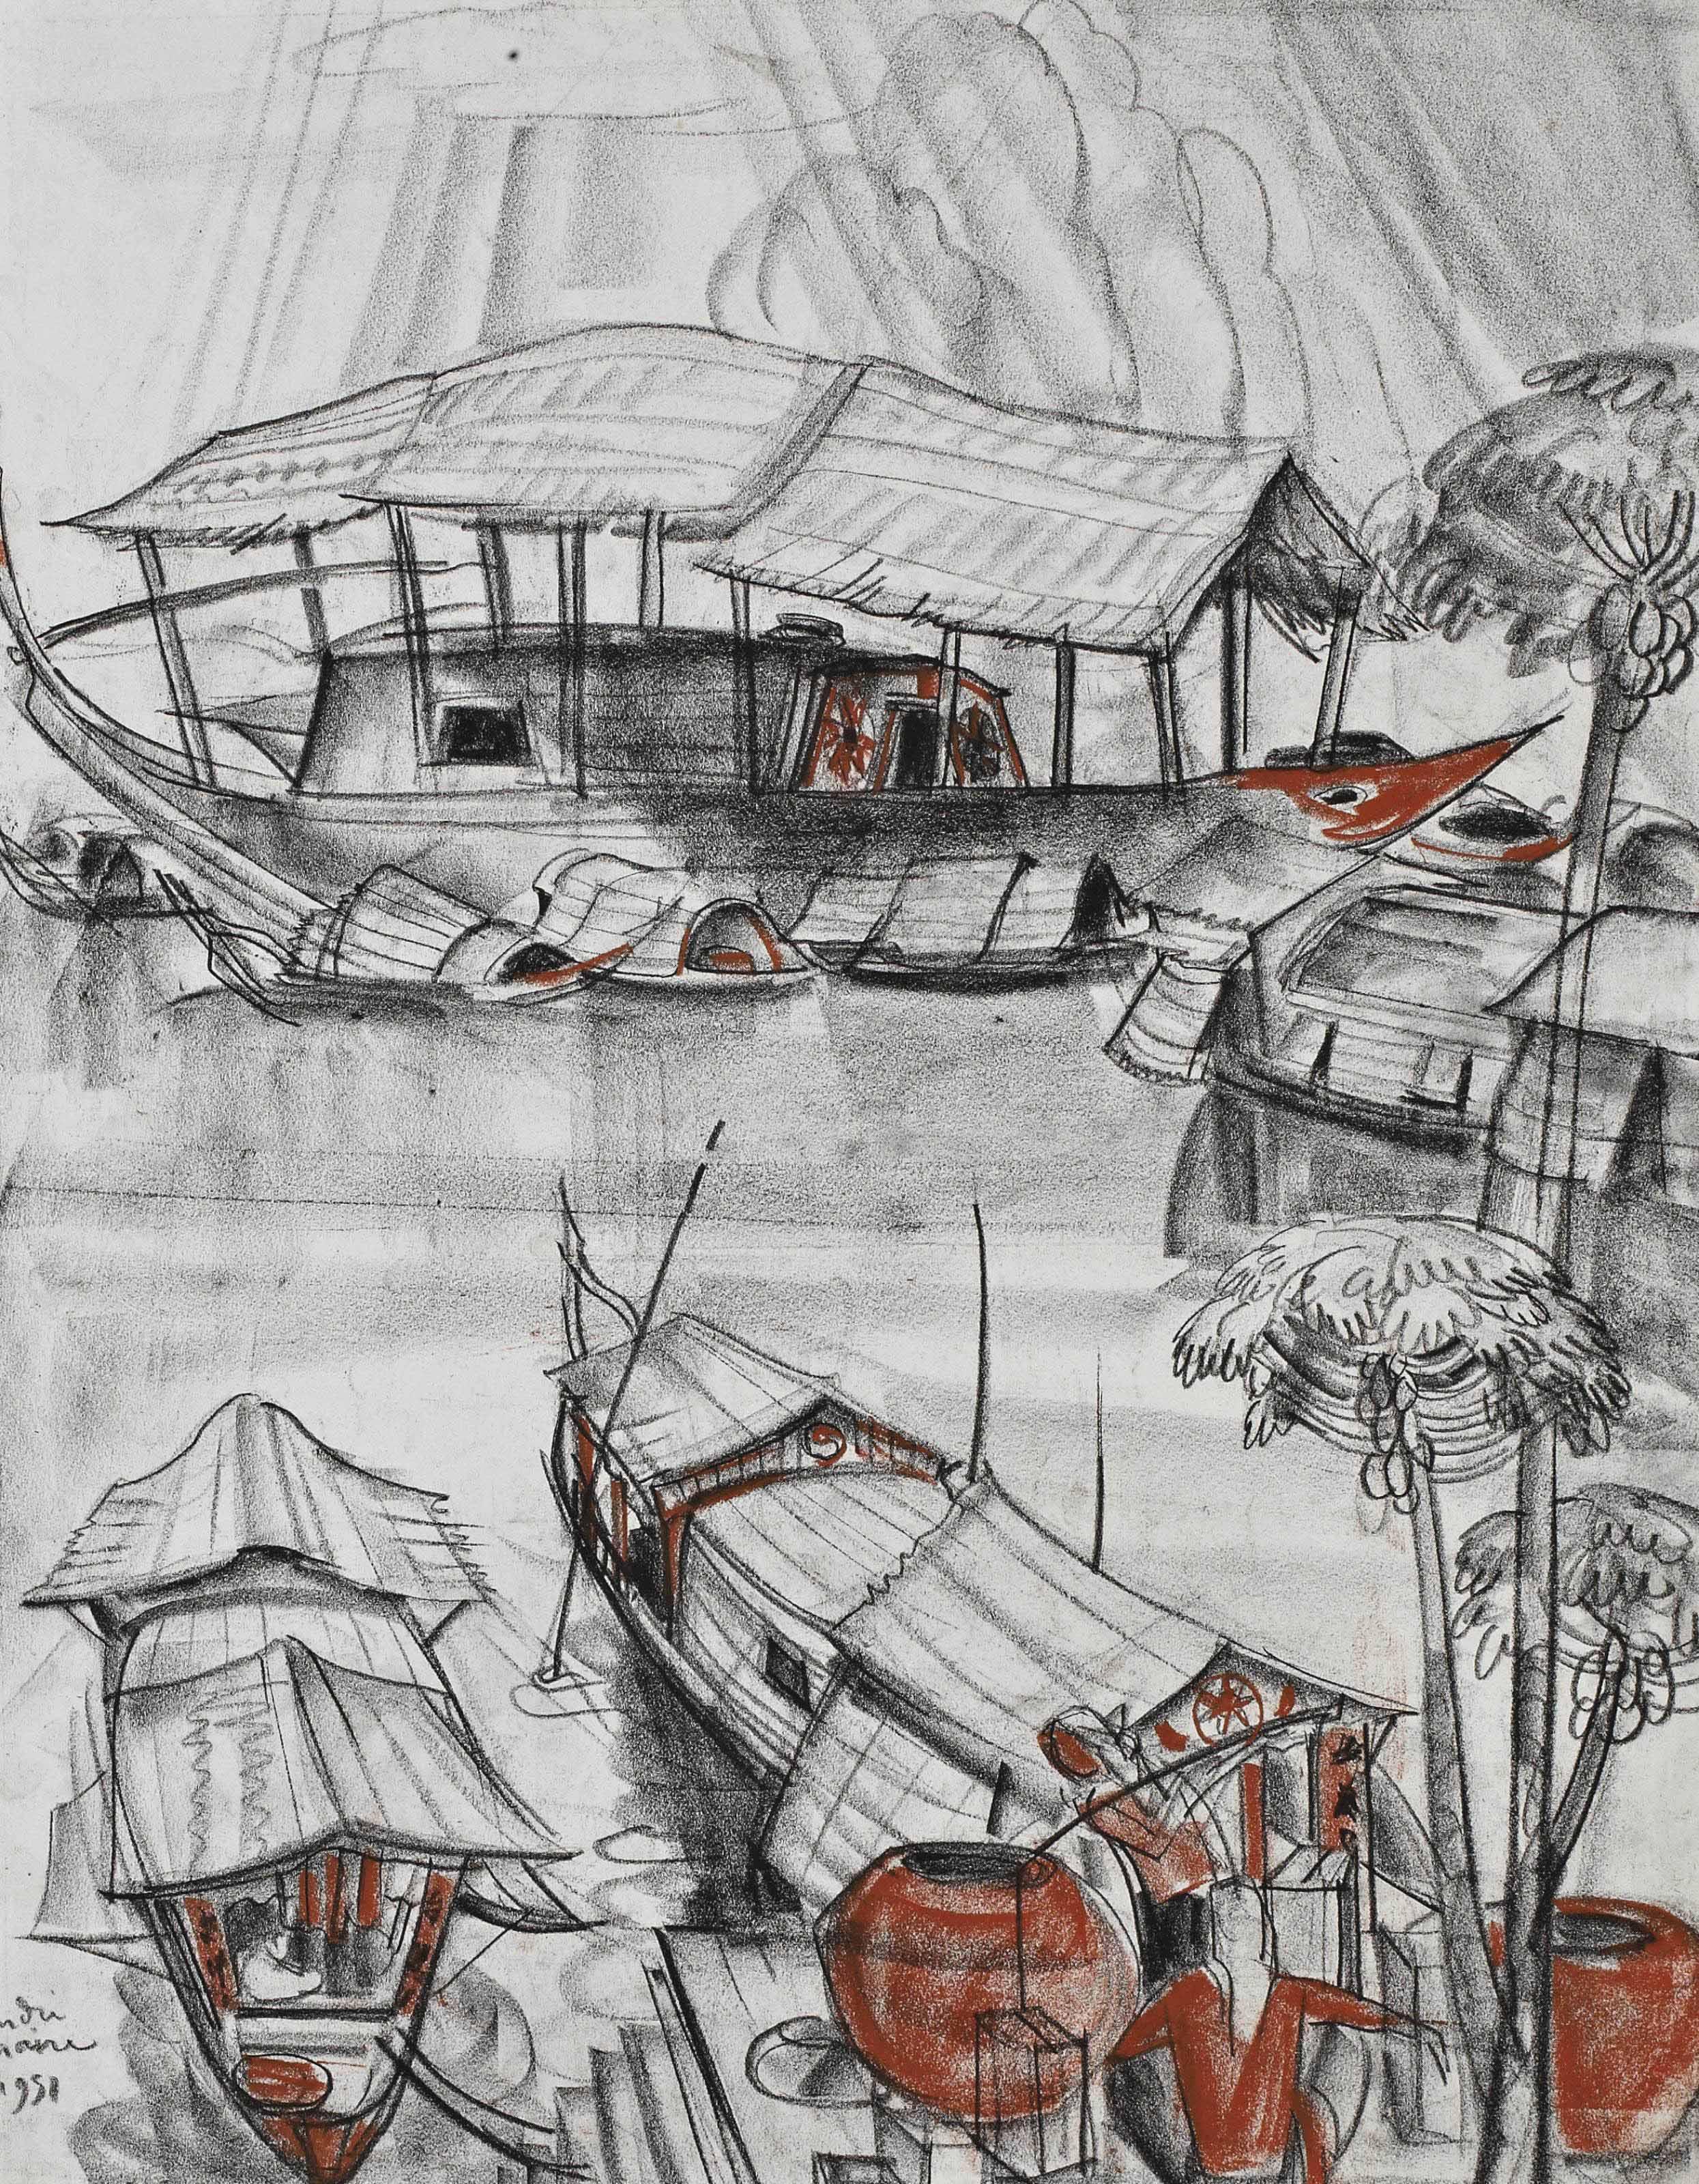 Pêcheurs dans les mers d'asie